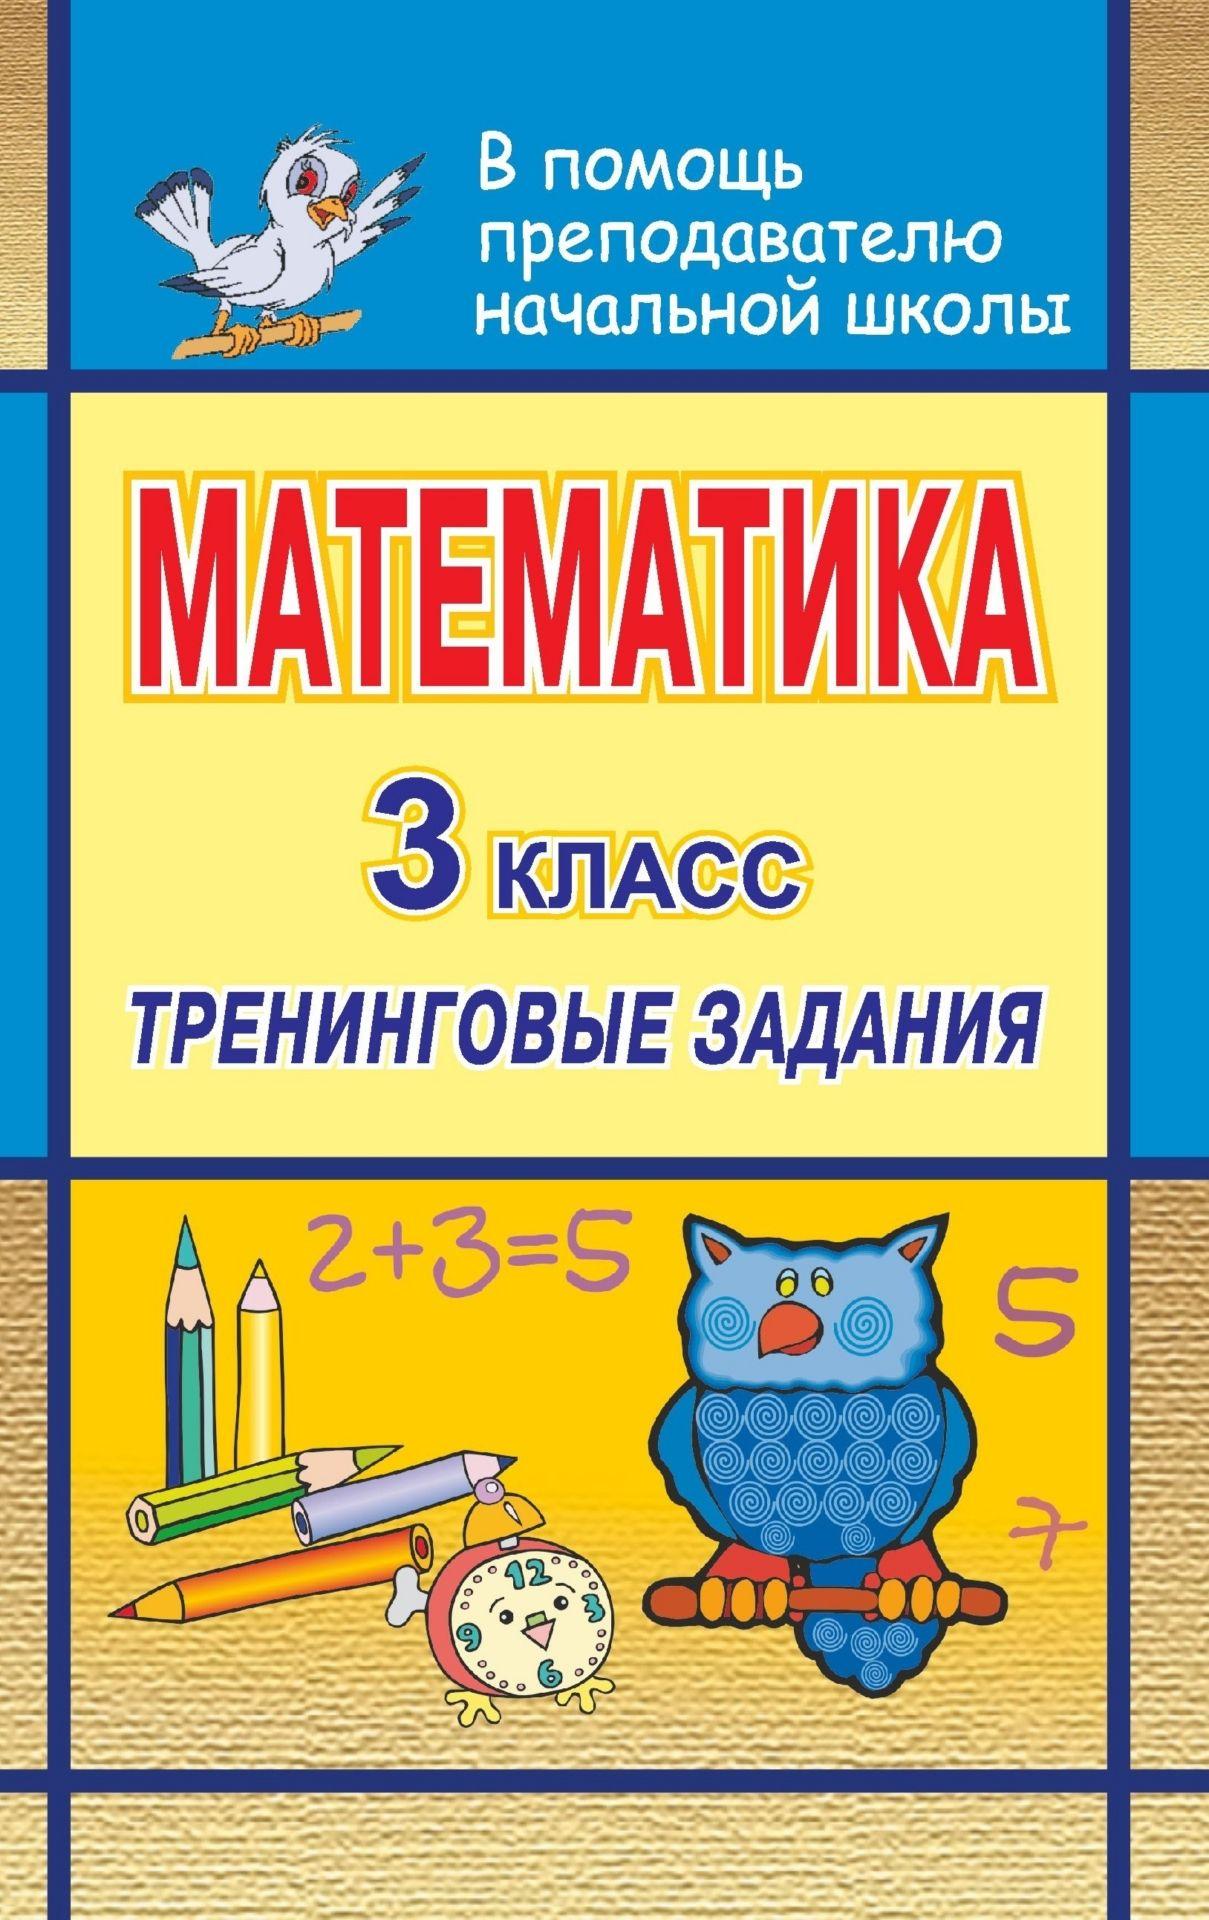 Математика. 3 кл. Тренинговые заданияПредметы<br>Предлагаемое пособие содержит тренинговые задания по математике для учащихся 3 классов, составленные по всем разделам программы с учетом нарастания трудности.Тесты-упражнения помогут быстро и эффективно проверить знания учащихся и закрепить пройденный мат...<br><br>Авторы: Лободина Н. В.<br>Год: 2007<br>Серия: В помощь преподавателю начальной школы<br>ISBN: 978-5-7057-1218-2<br>Высота: 213<br>Ширина: 138<br>Толщина: 8